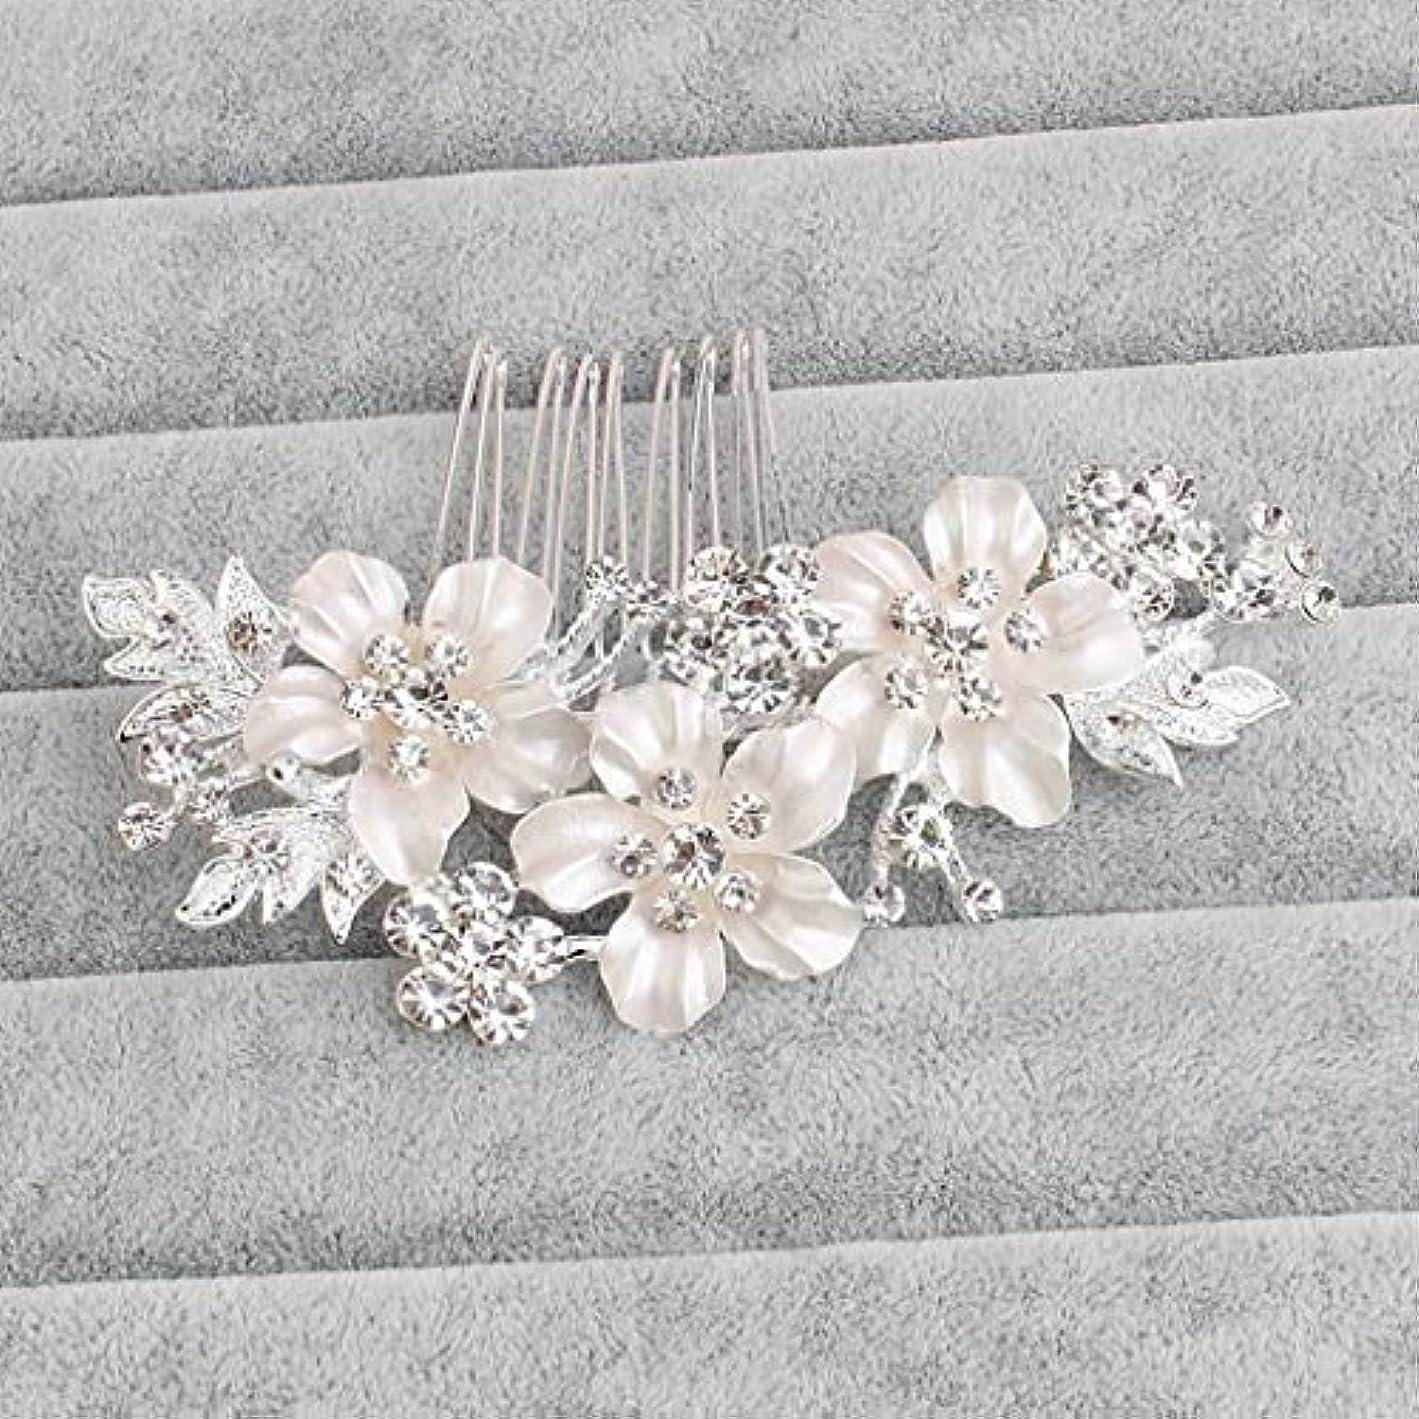 結婚創始者ぼかしClover Bridal Handmade Wedding Hair Comb Flower Hair Accessories for Bridal (silver) [並行輸入品]